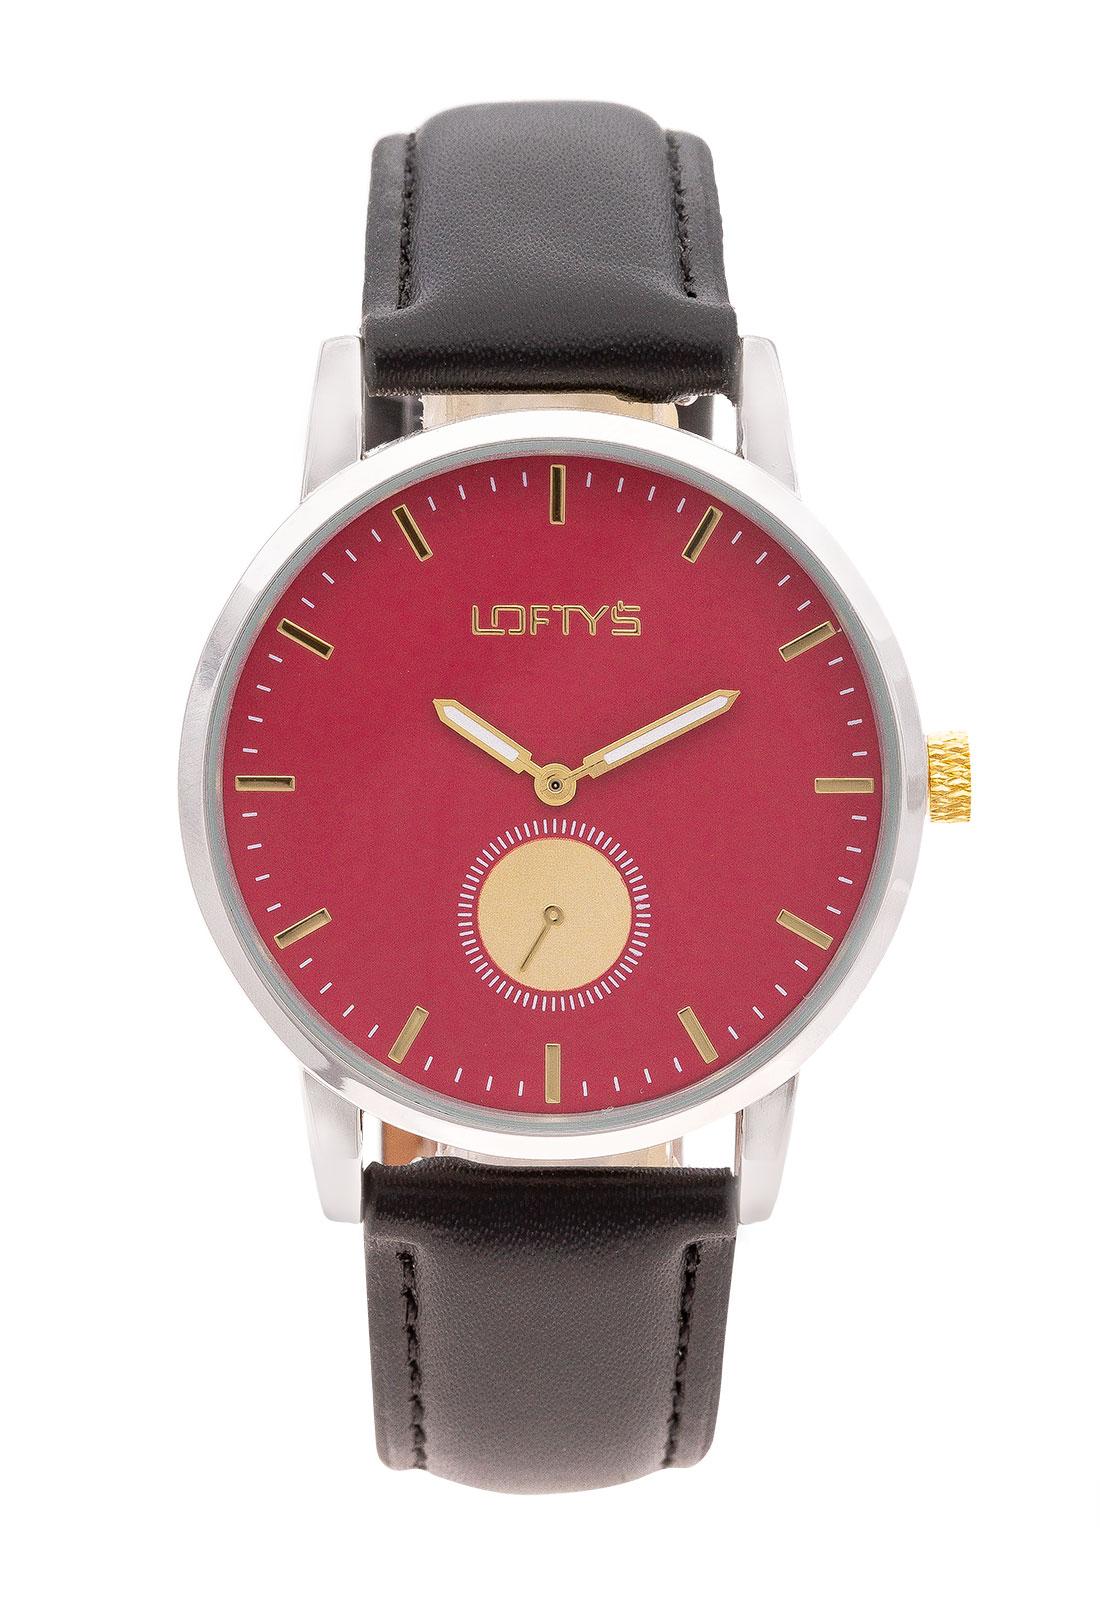 Ρολόι Loftys Scorpio με μαύρο λουράκι και κόκκινο καντράν Y3411-13